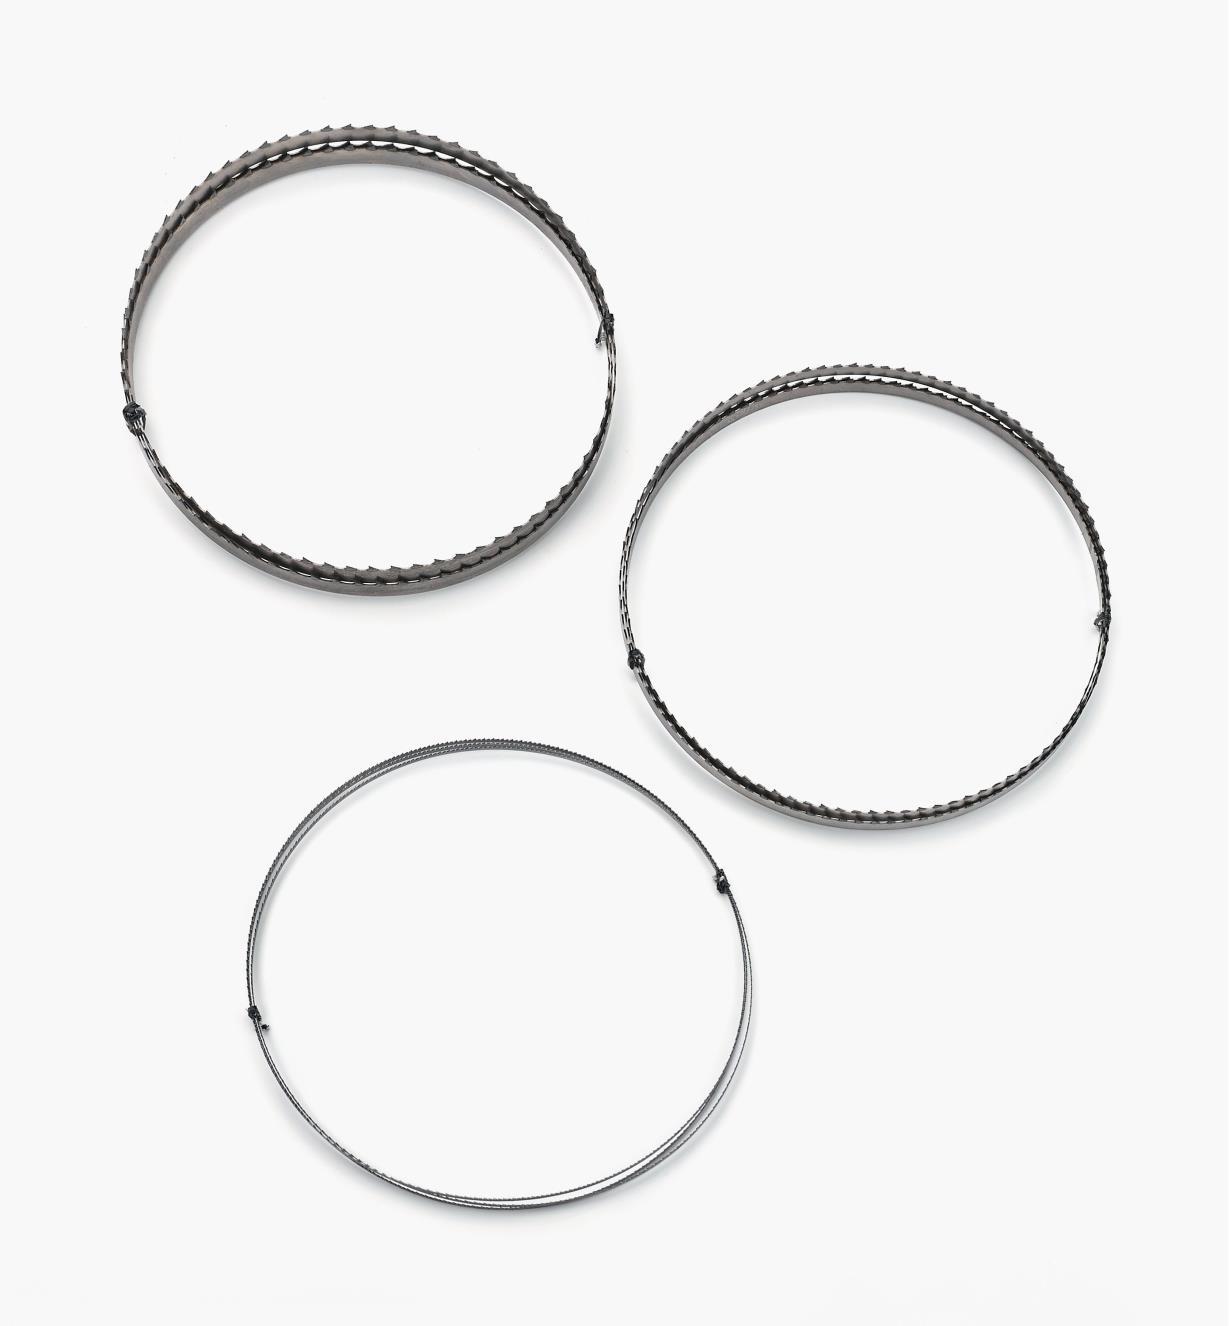 03J7385 - Jeu de trois lames pour scies à ruban de luxe 10 po Rikon